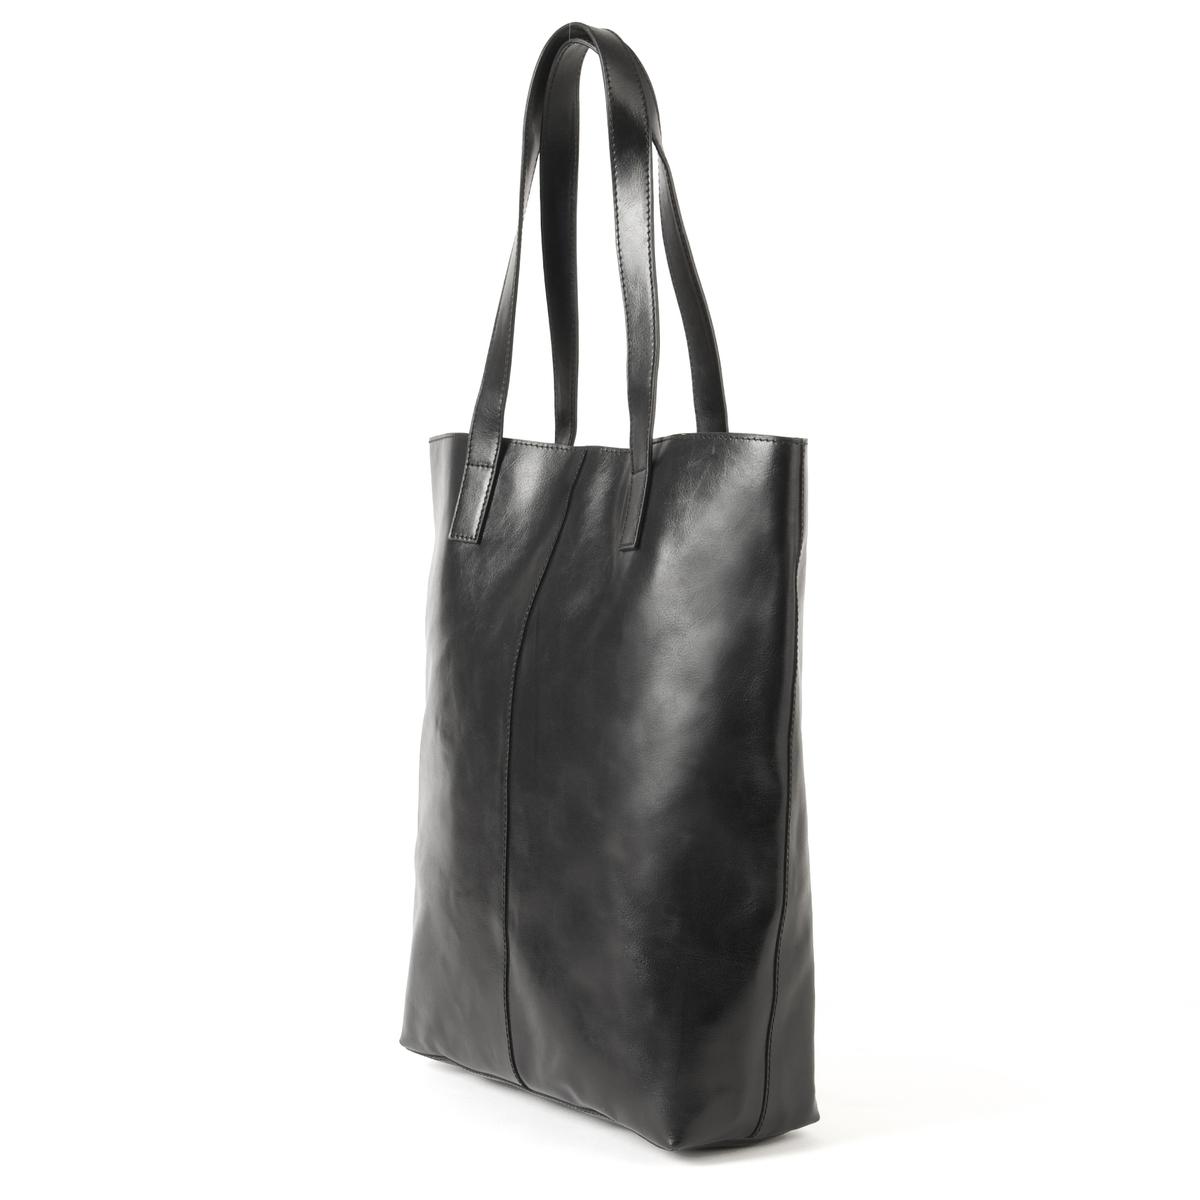 Сумка кожанаяОписание:Очень практичная сумка, 100% кожи, 100% стиля: подходит для прогулок по городу или непродолжительных поездок! Состав и описание : Материал : верх 100% яловичная кожа             текстильная подкладкаРазмеры : 30 X 10 X 38 смЗастежка :  кнопка на магнитеВнутренние карманы : 1 карман на молнии, 2 кармана для мобильных<br><br>Цвет: черный